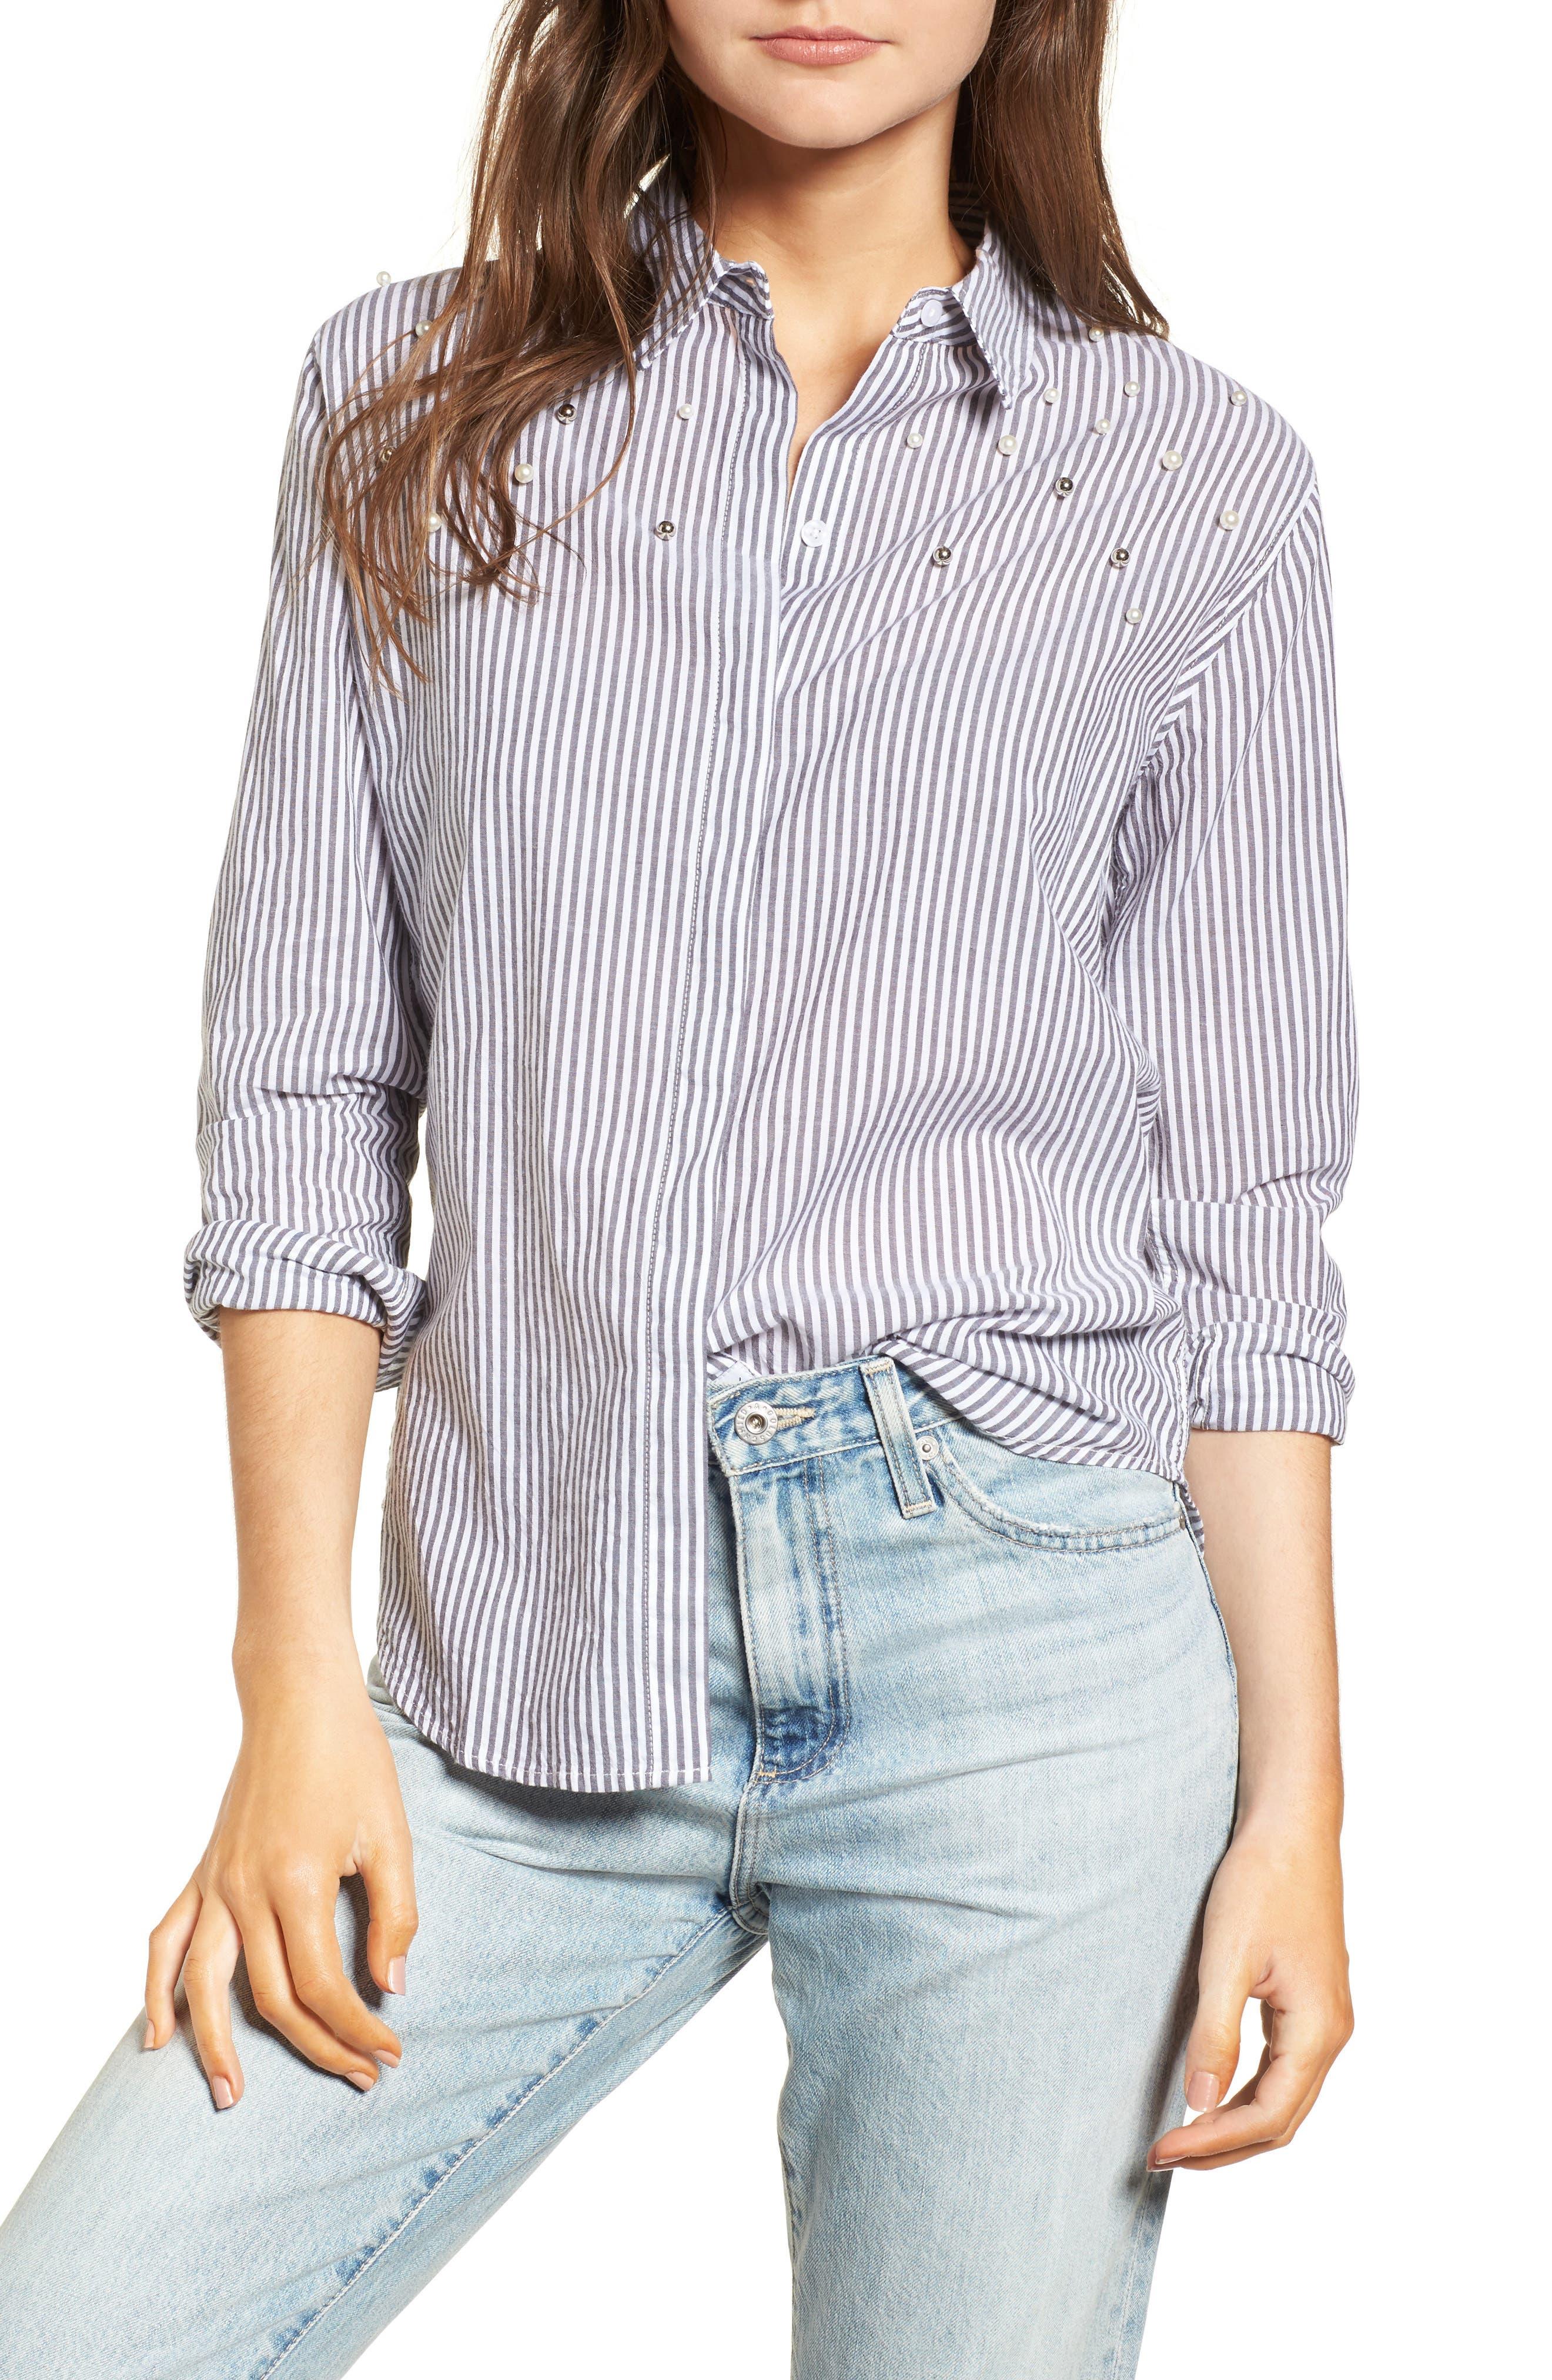 Taylor Embellished Shirt,                         Main,                         color, 022